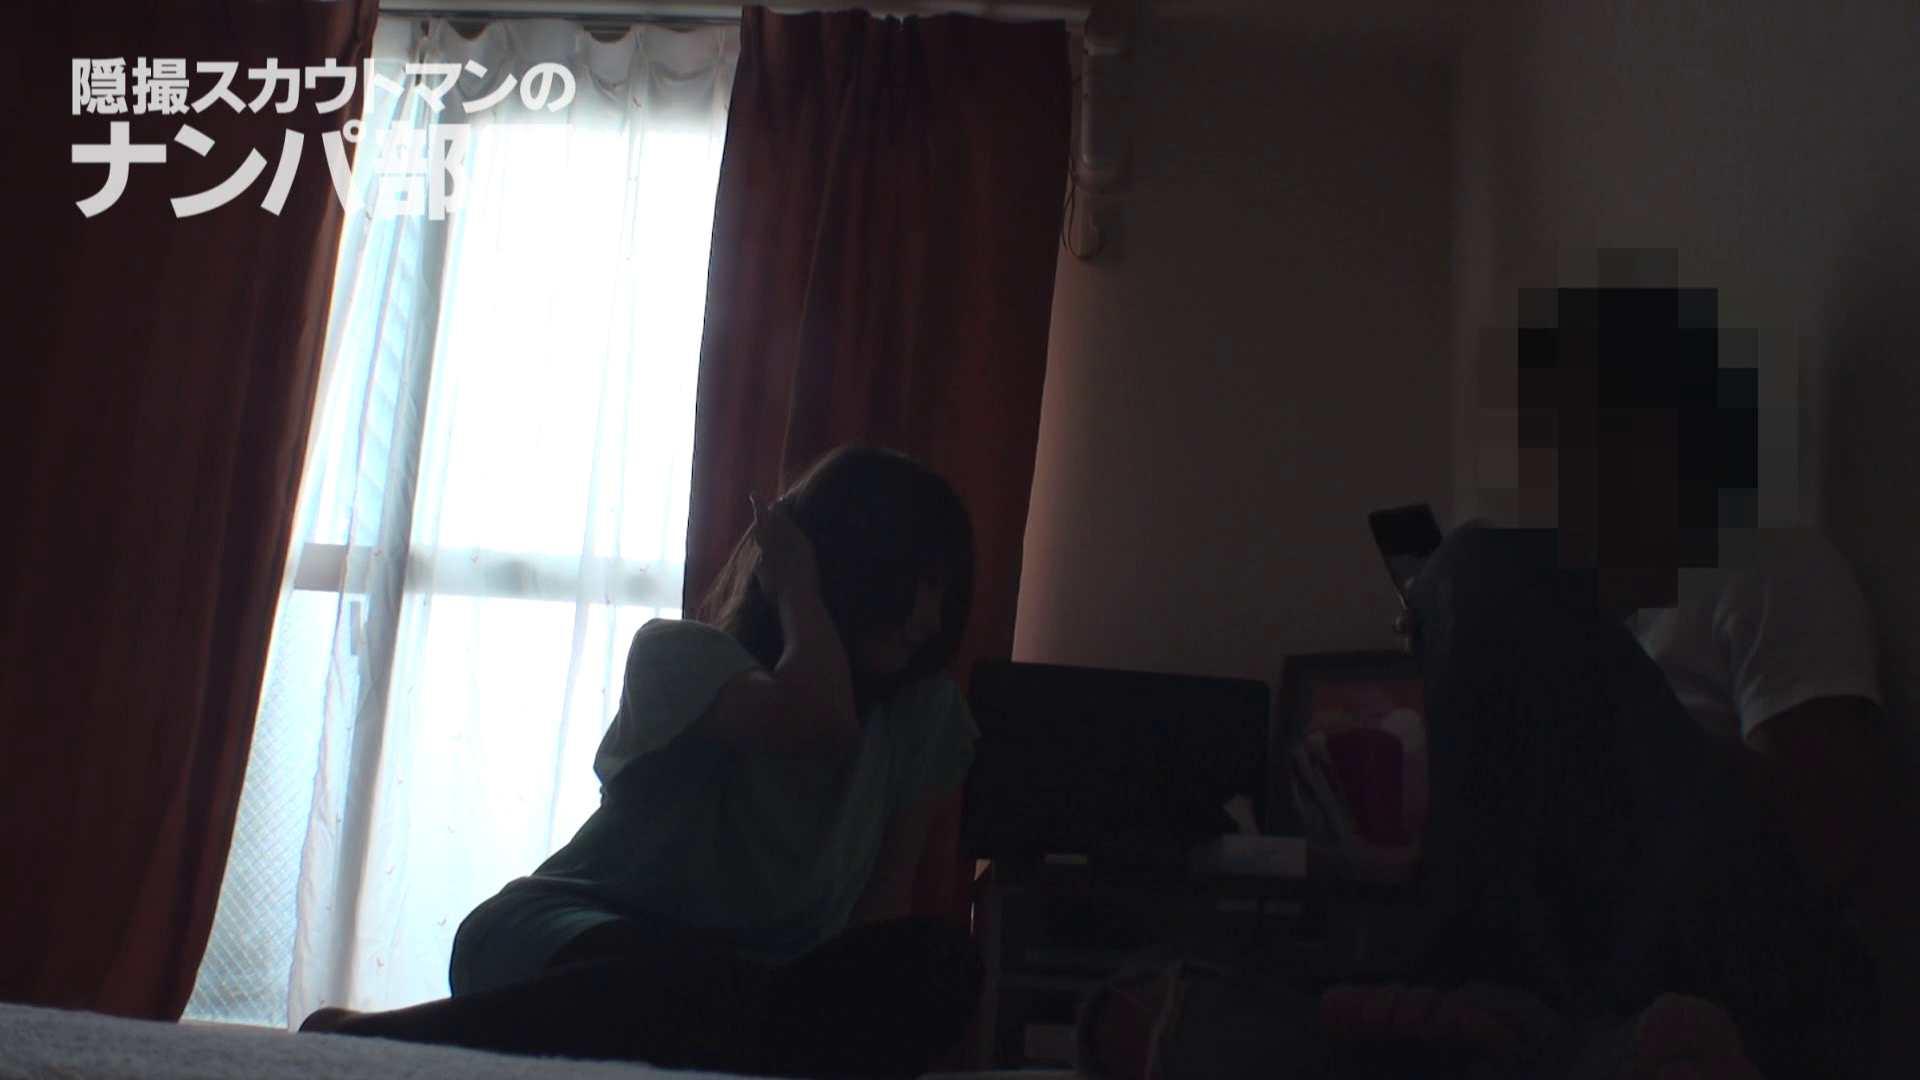 隠撮スカウトマンのナンパ部屋~風俗デビュー前のつまみ食い~ siivol.4 ナンパ  59連発 10